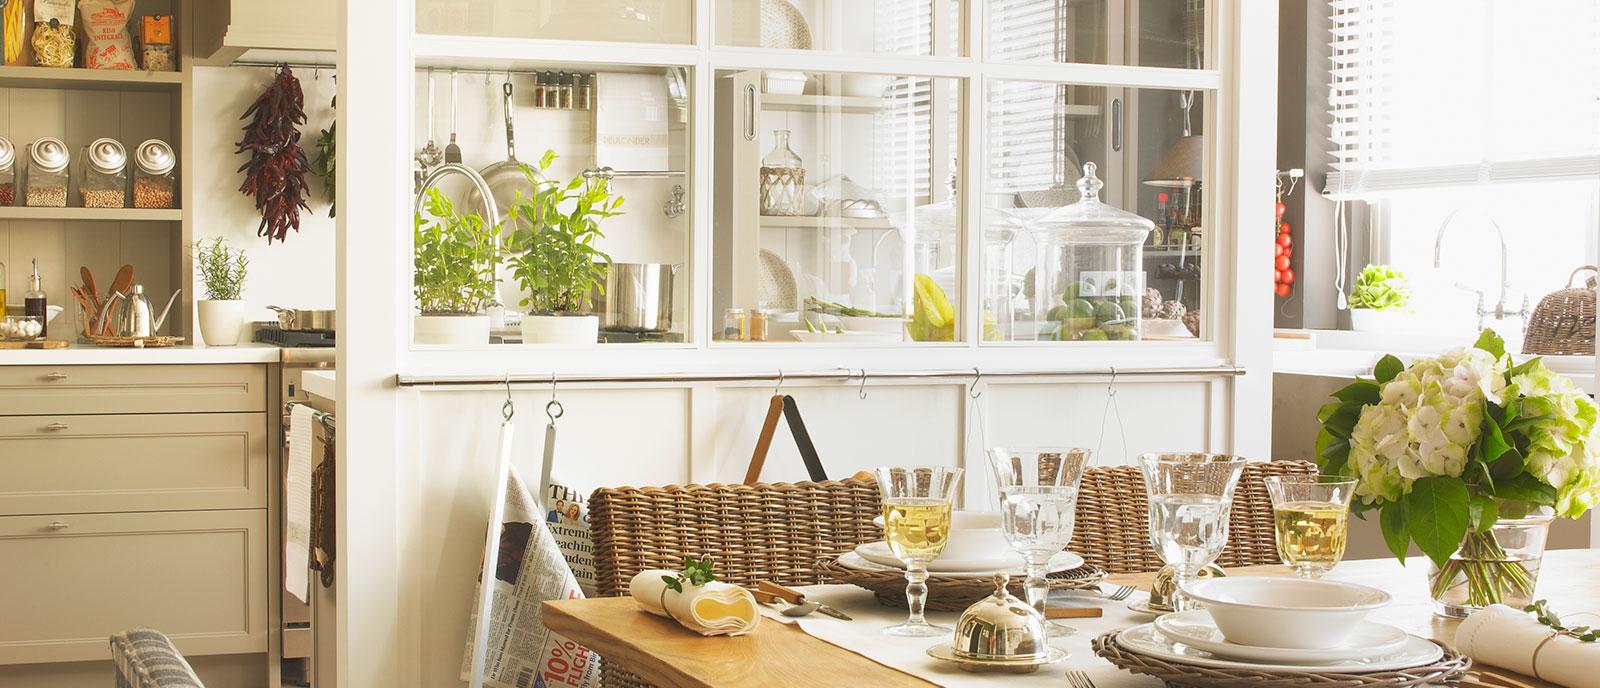 «Cocina, comedor, despensa y planchador»